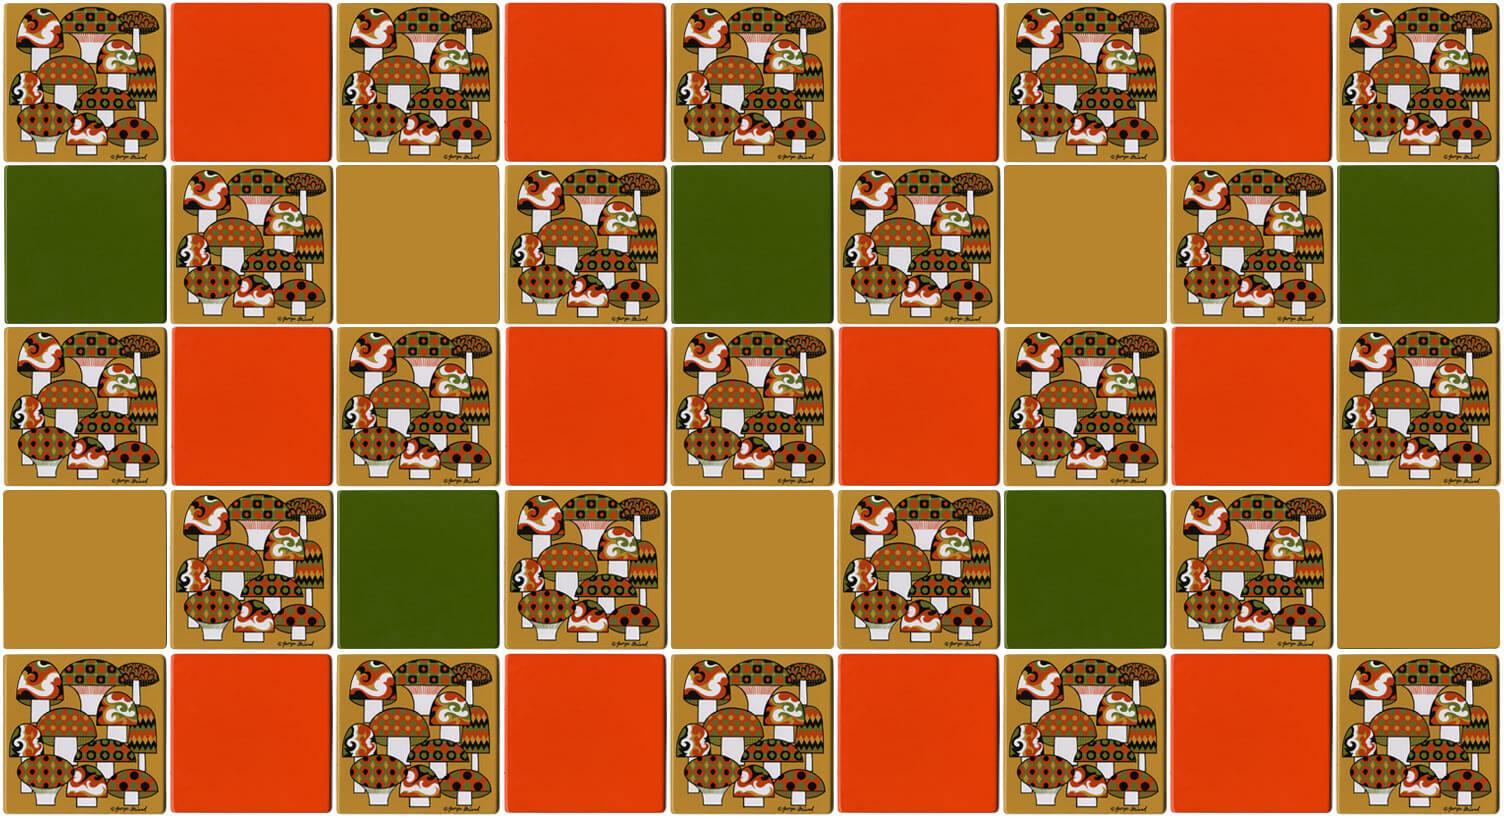 georges-birard-mushroom-tile-grid3-large